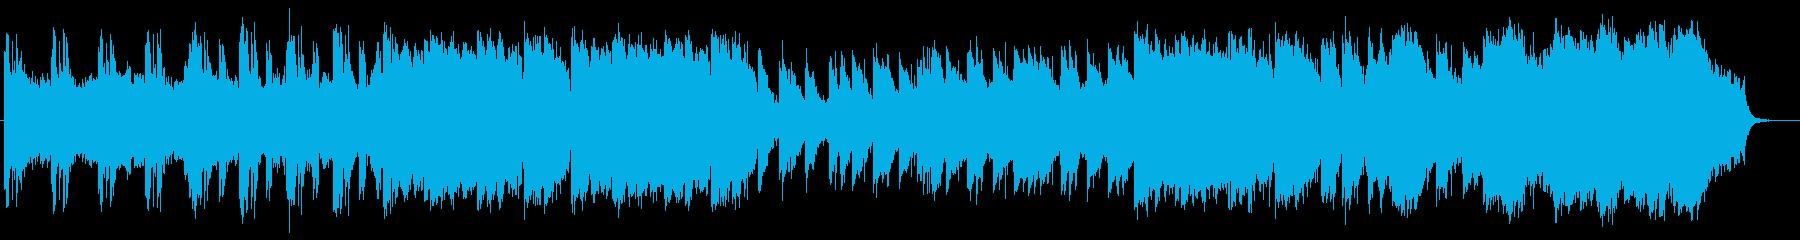 繊細さと壮大さを兼ね備えたBGMサウンドの再生済みの波形